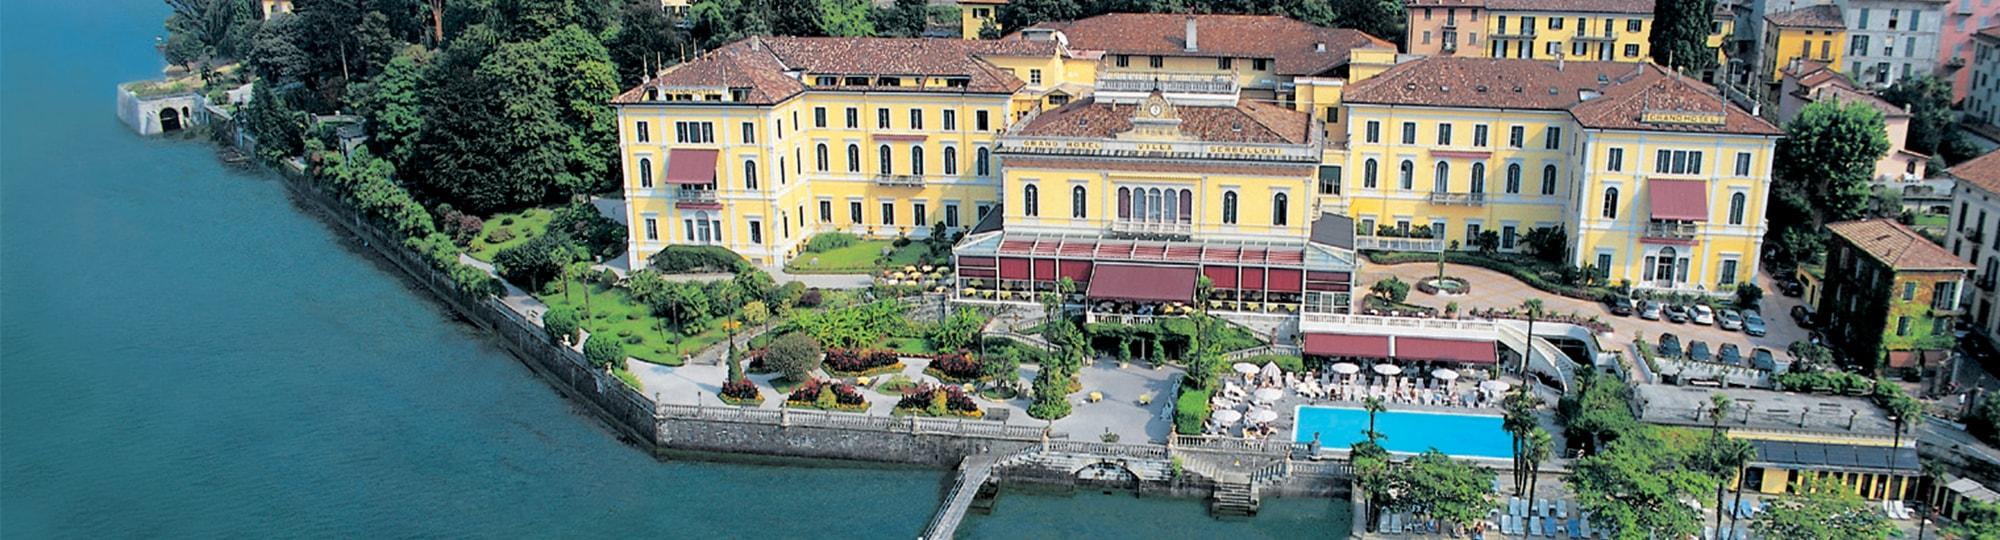 grand hotel villa serbelloni 5 hotel 5 toiles bellagio. Black Bedroom Furniture Sets. Home Design Ideas